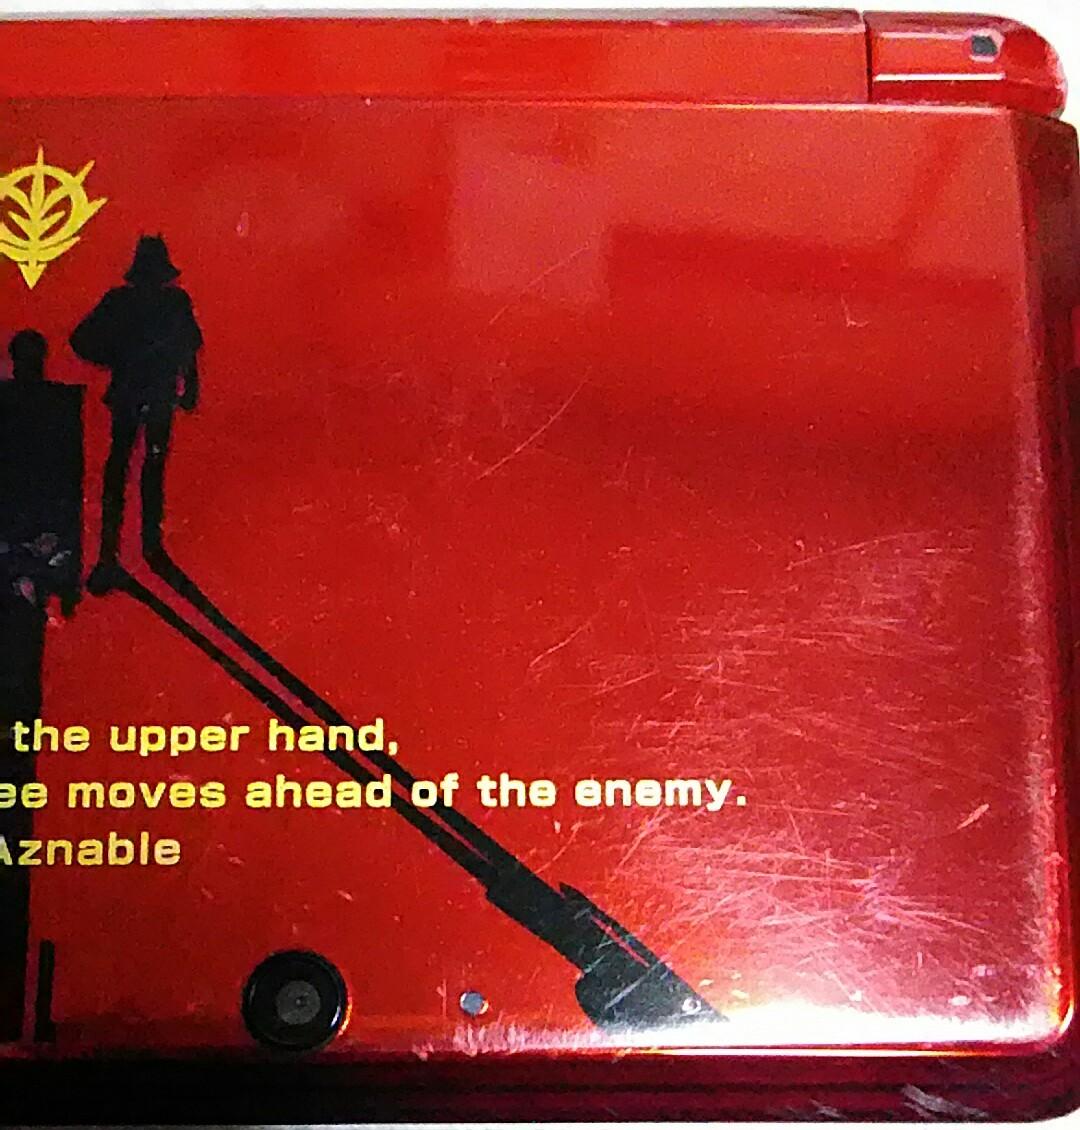 ニンテンドー3DS SDガンダム Gジェネレーション3D PREMIUM BOX シャア専用 限定モデル 中古品 充電器 タッチペン SDカード付き 送料無料